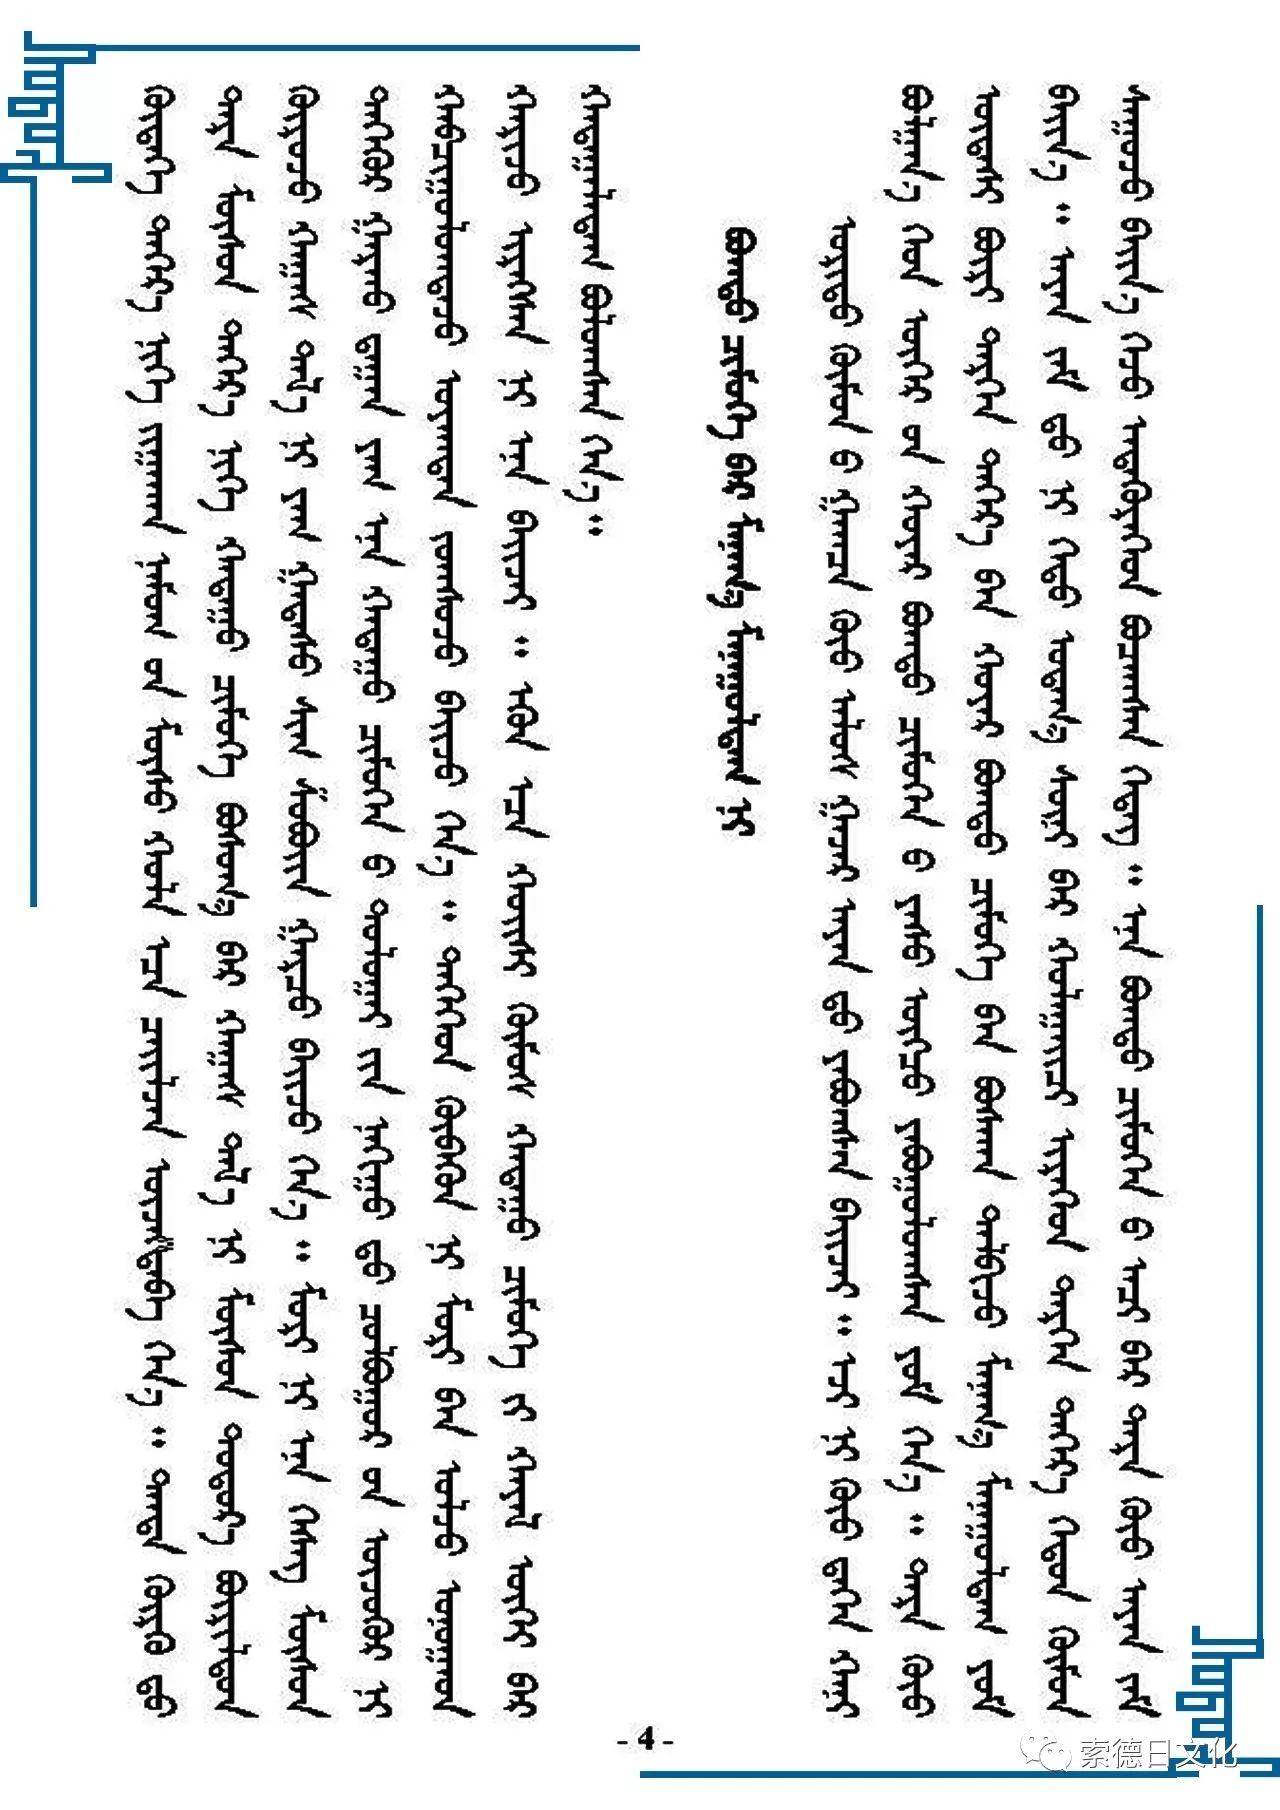 蒙古民俗故事 第4张